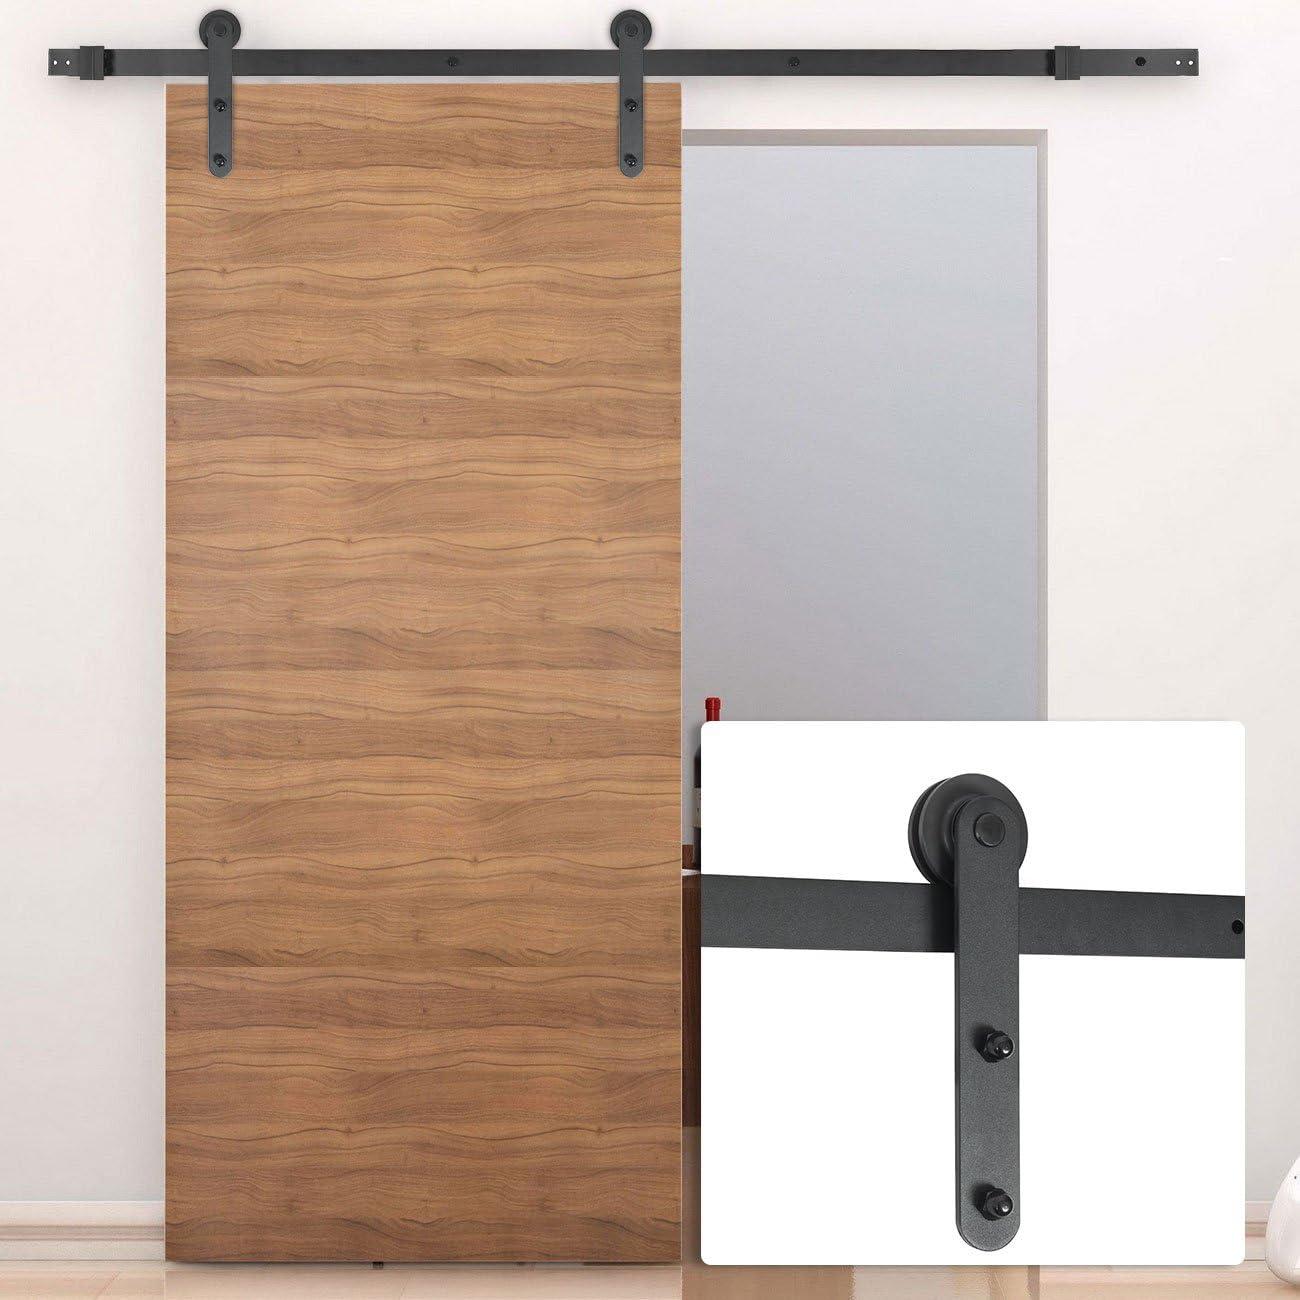 belleze 1.83 antiguo país americano moderno europeo granero madera acero puerta corredera, Hardware solo: Amazon.es: Bricolaje y herramientas